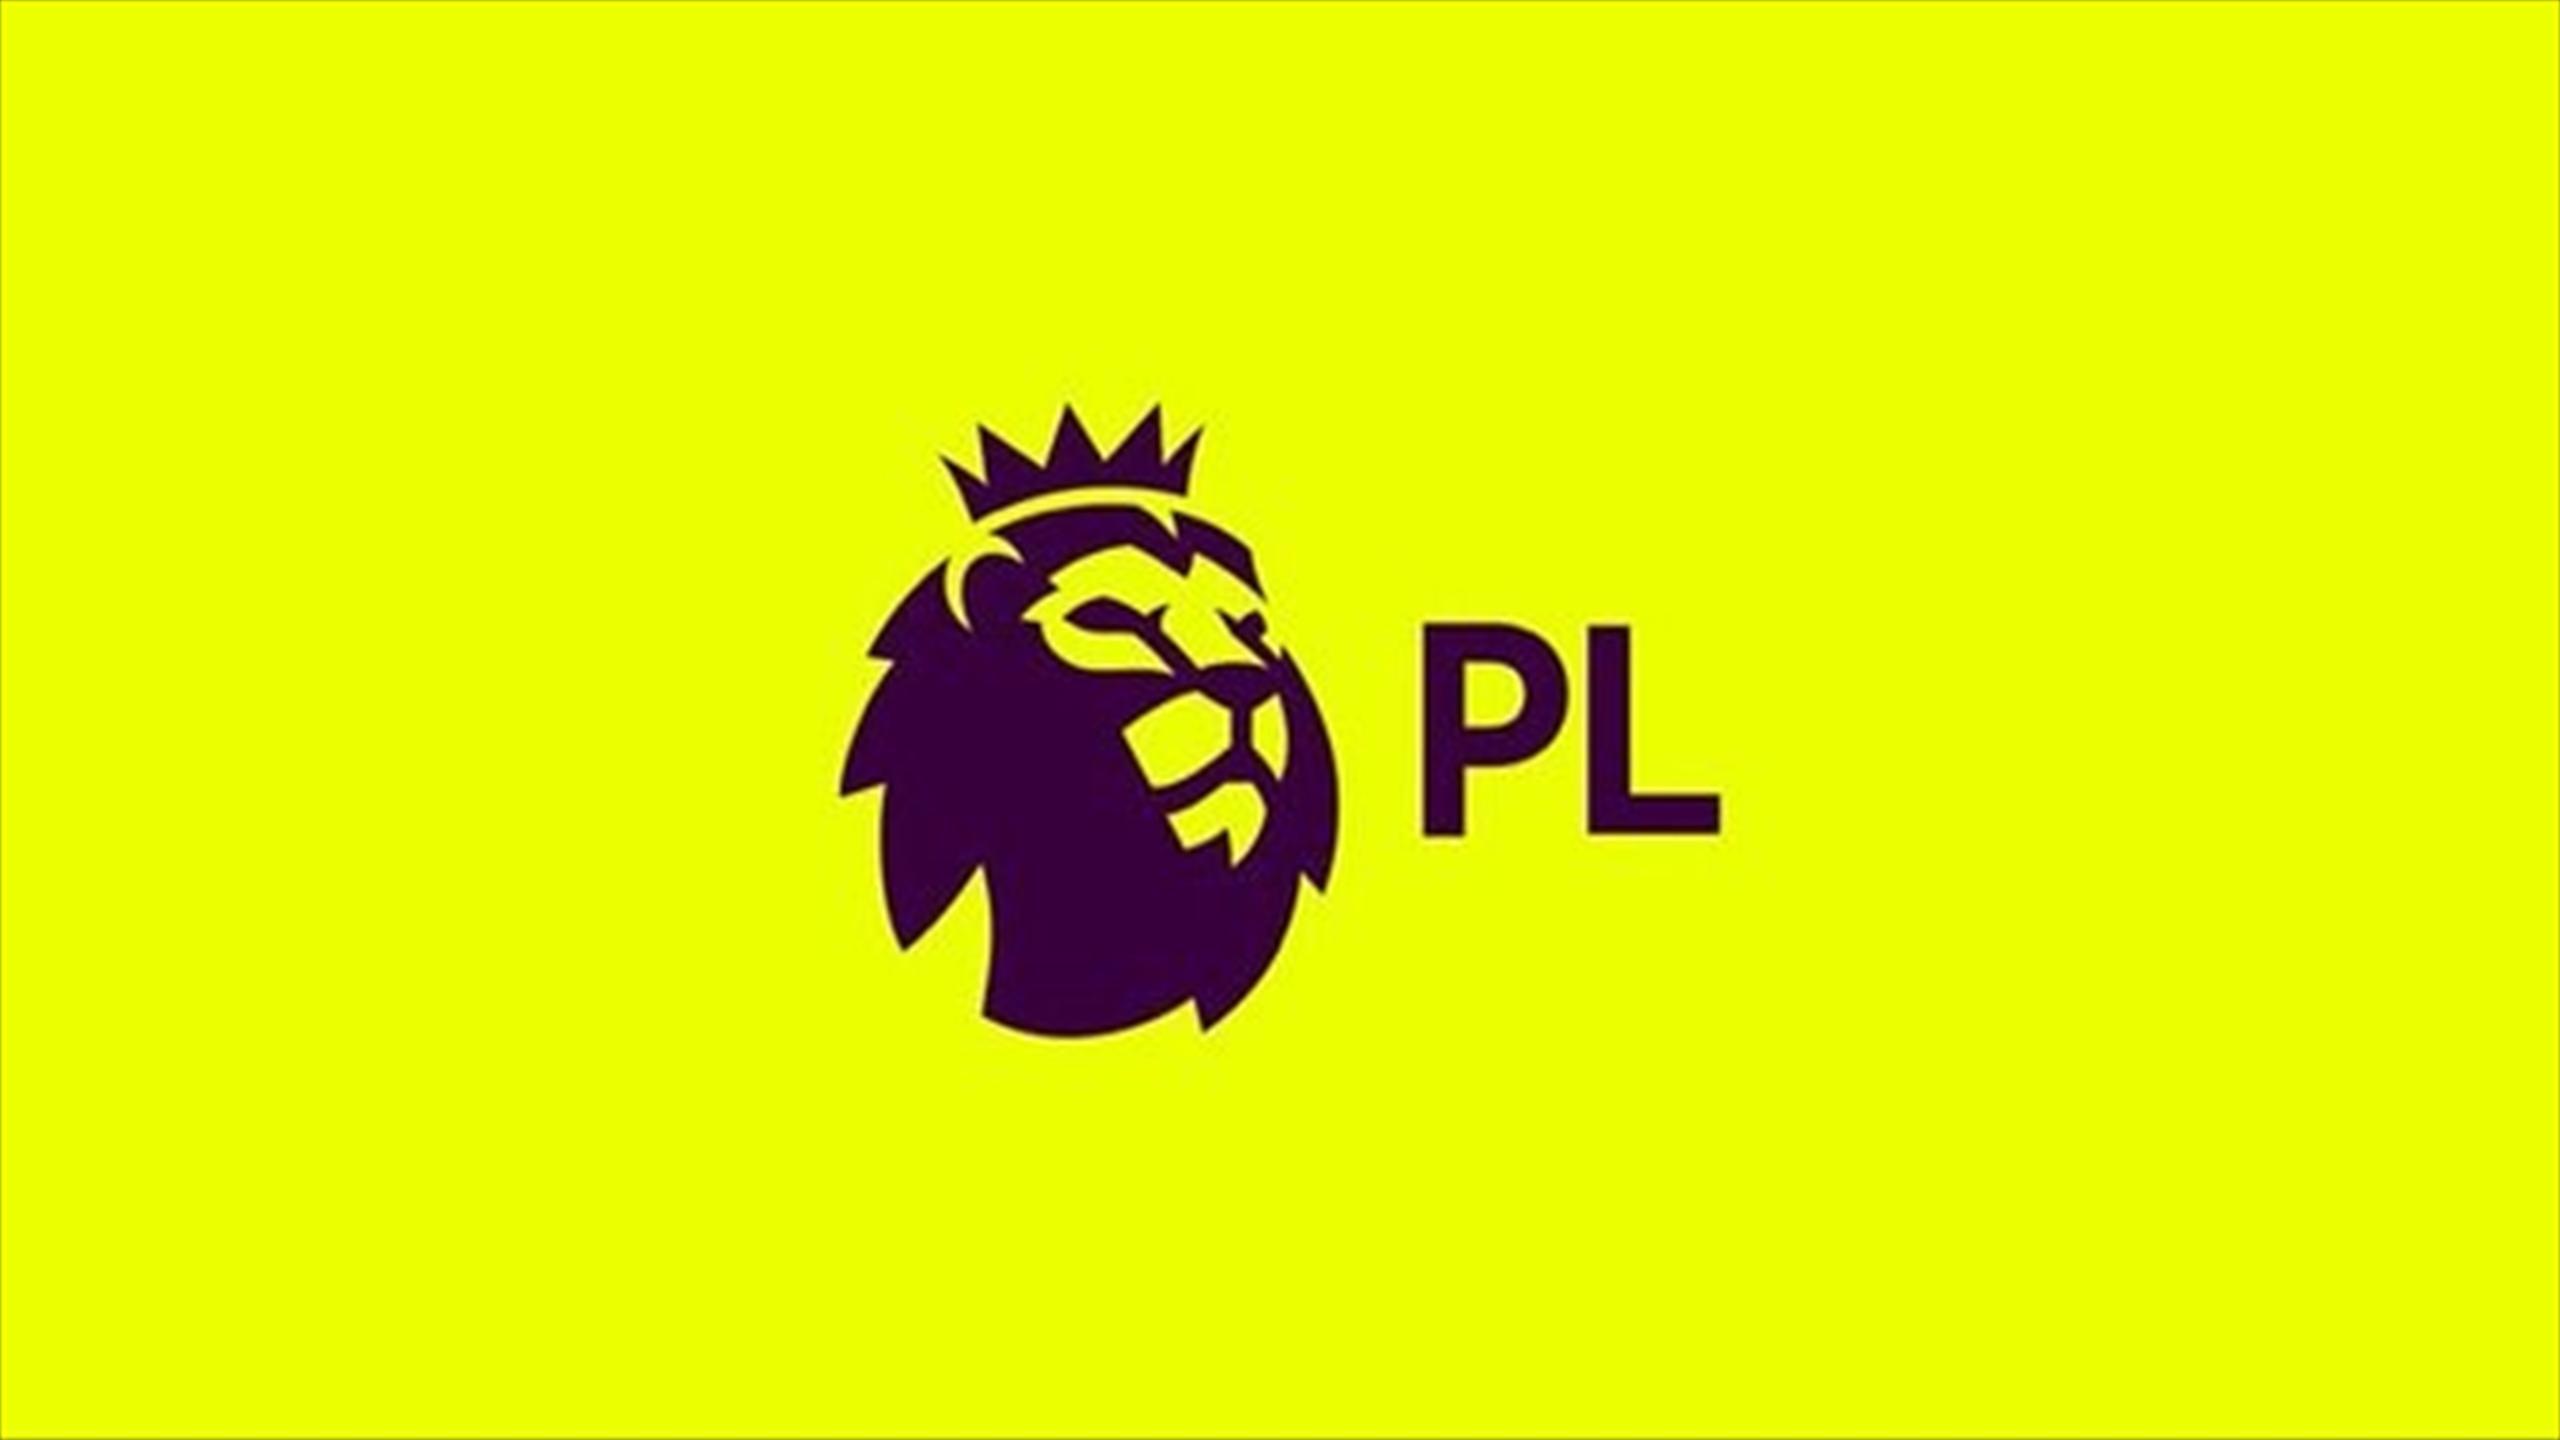 Когда завершится английская премьер лига по футболу